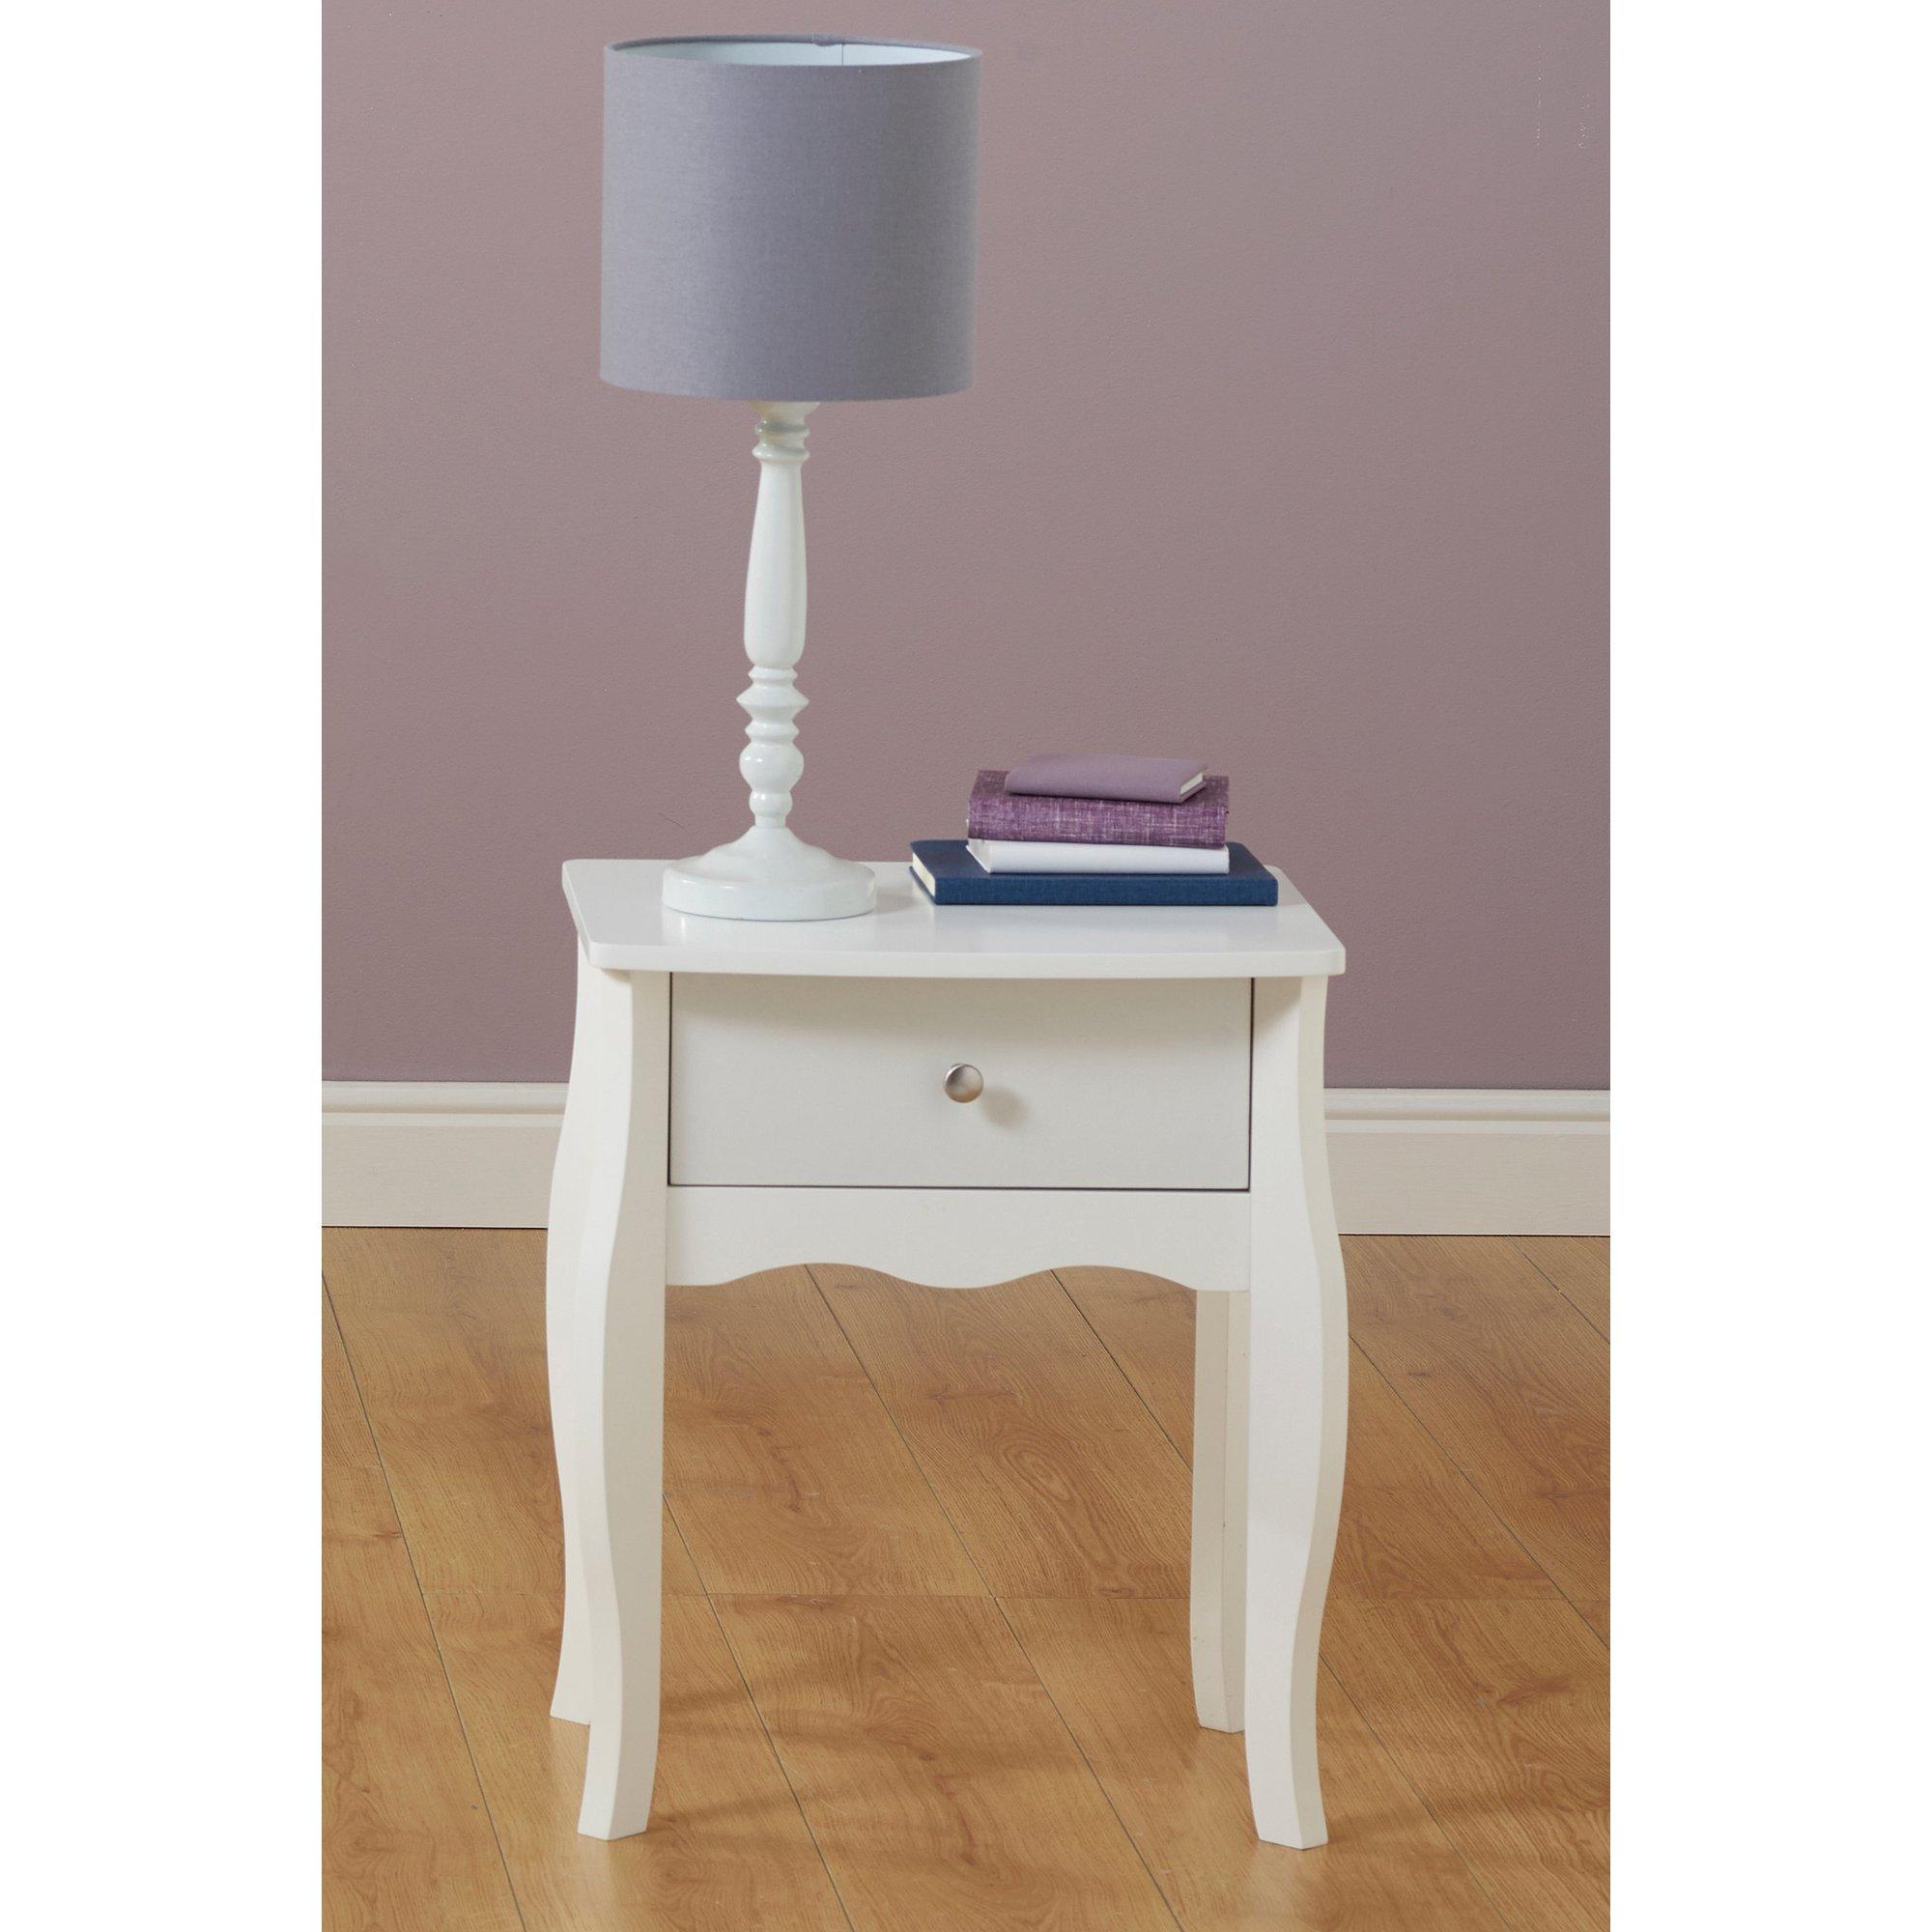 Image of Amelie Bedside Table